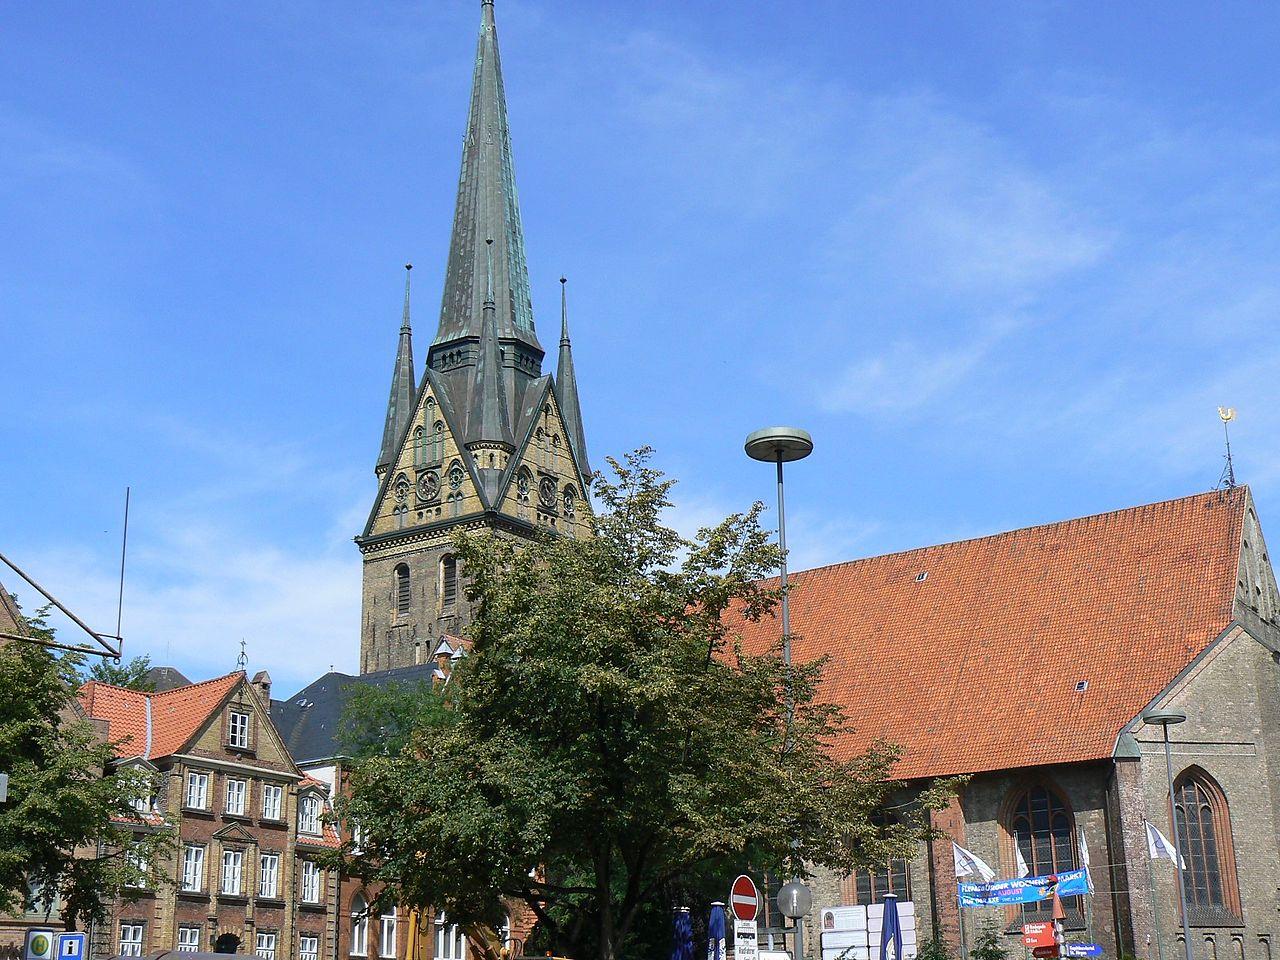 Bild St. Nikolai Kirche Flensburg